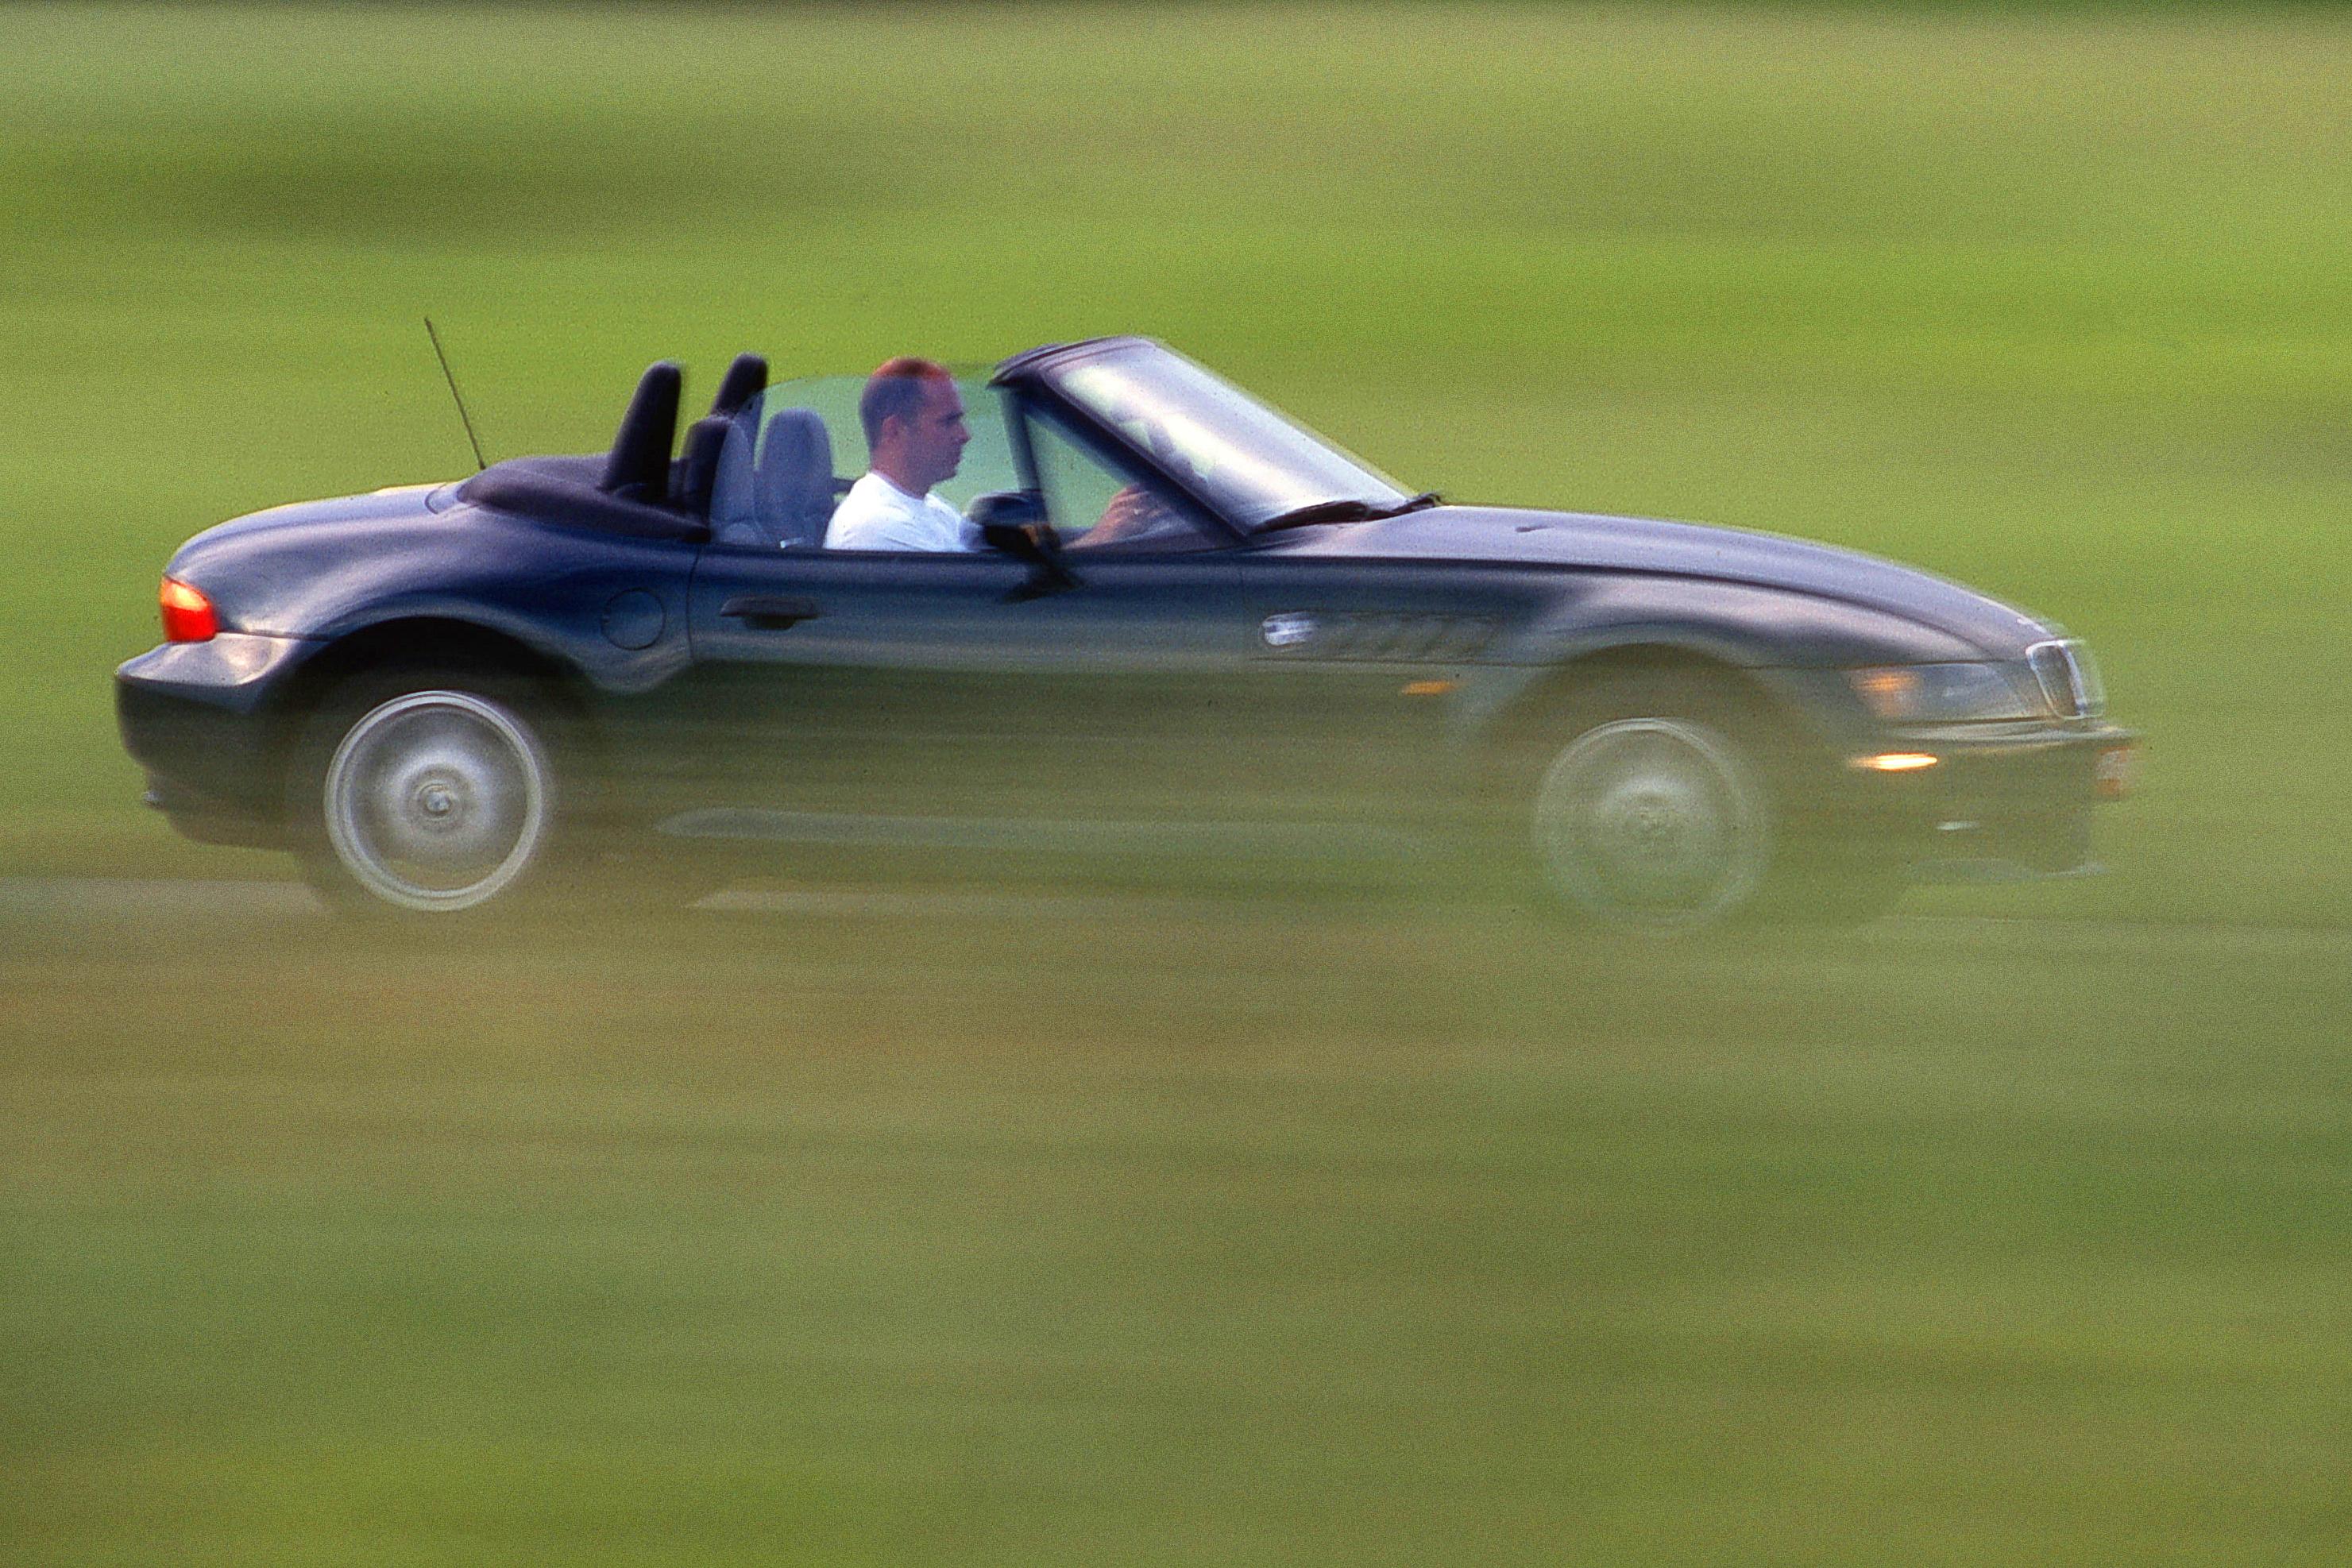 Bmw Z3 Completa 25 Anos Relembre O Primeiro Teste Do Roadster Quatro Rodas